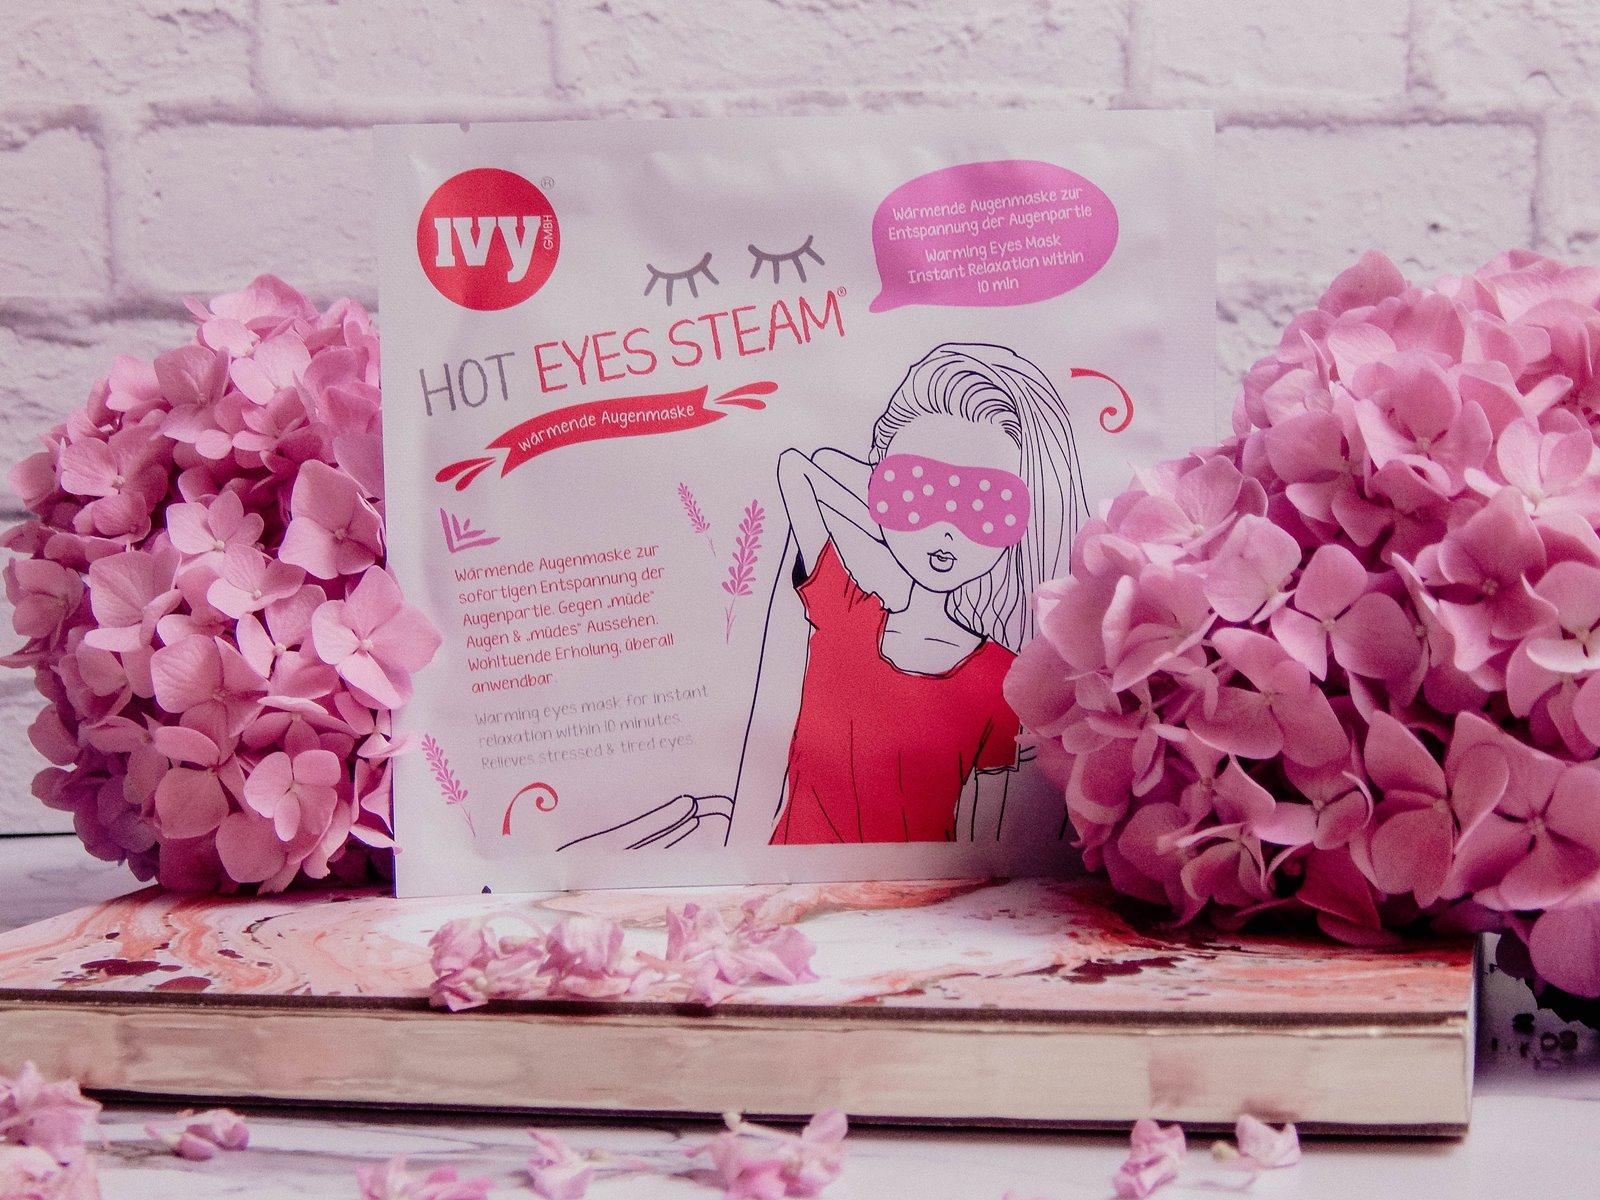 1a recenzja nowości kosmetyczne trico botanica szampon odzywka opinie recenzja pink marshmallow i love balmi recenzja nutka balsam do higieny intymnej okłady maska na oczy rozgrzewająca balsam strawberries and cream seba med